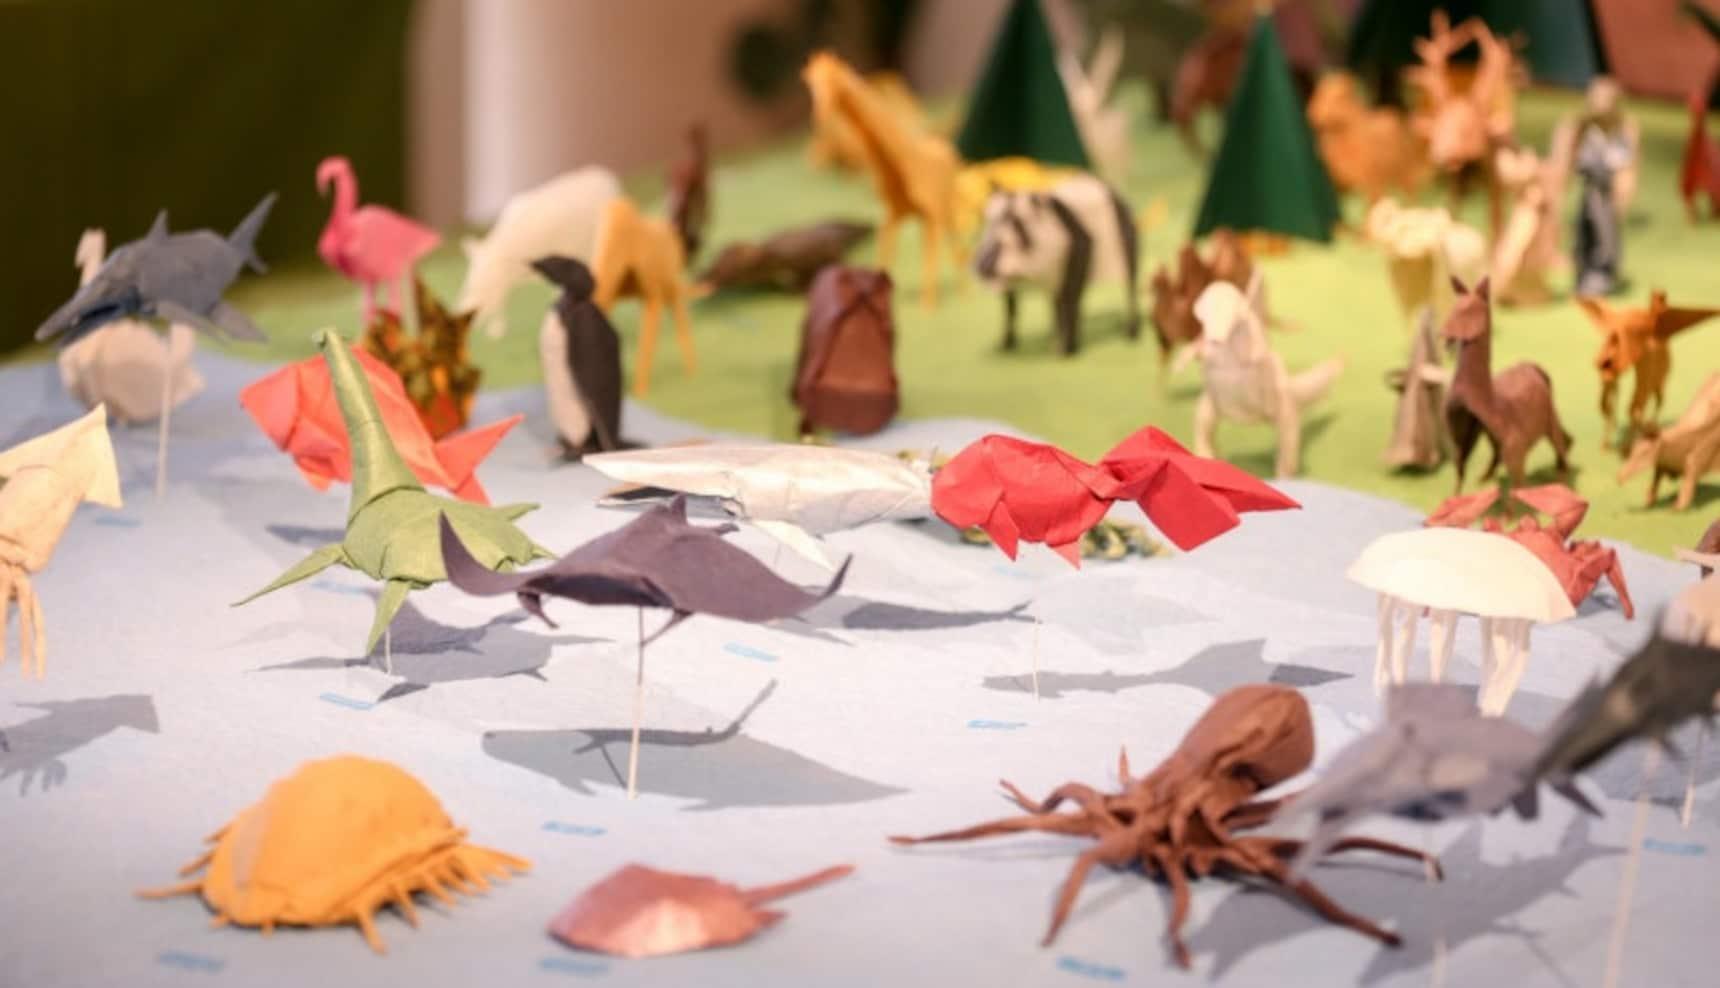 Origami Challenge at Ochanomizu Origami Kaikan